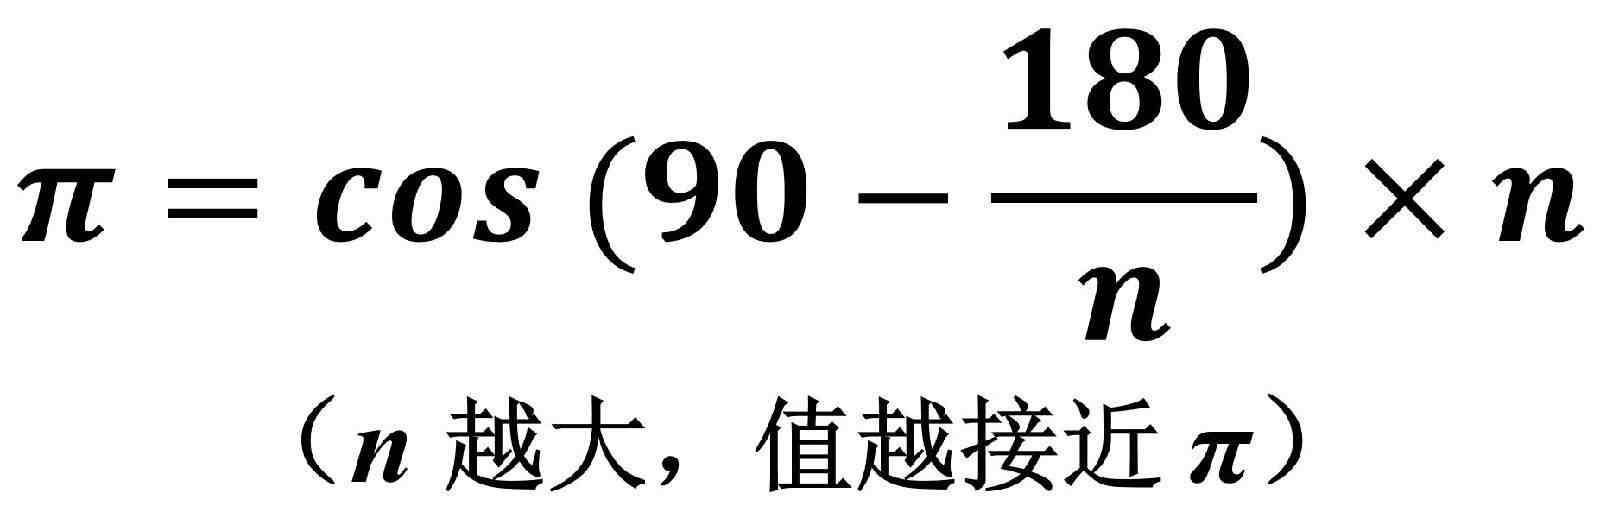 圆周率是怎样算出来的?